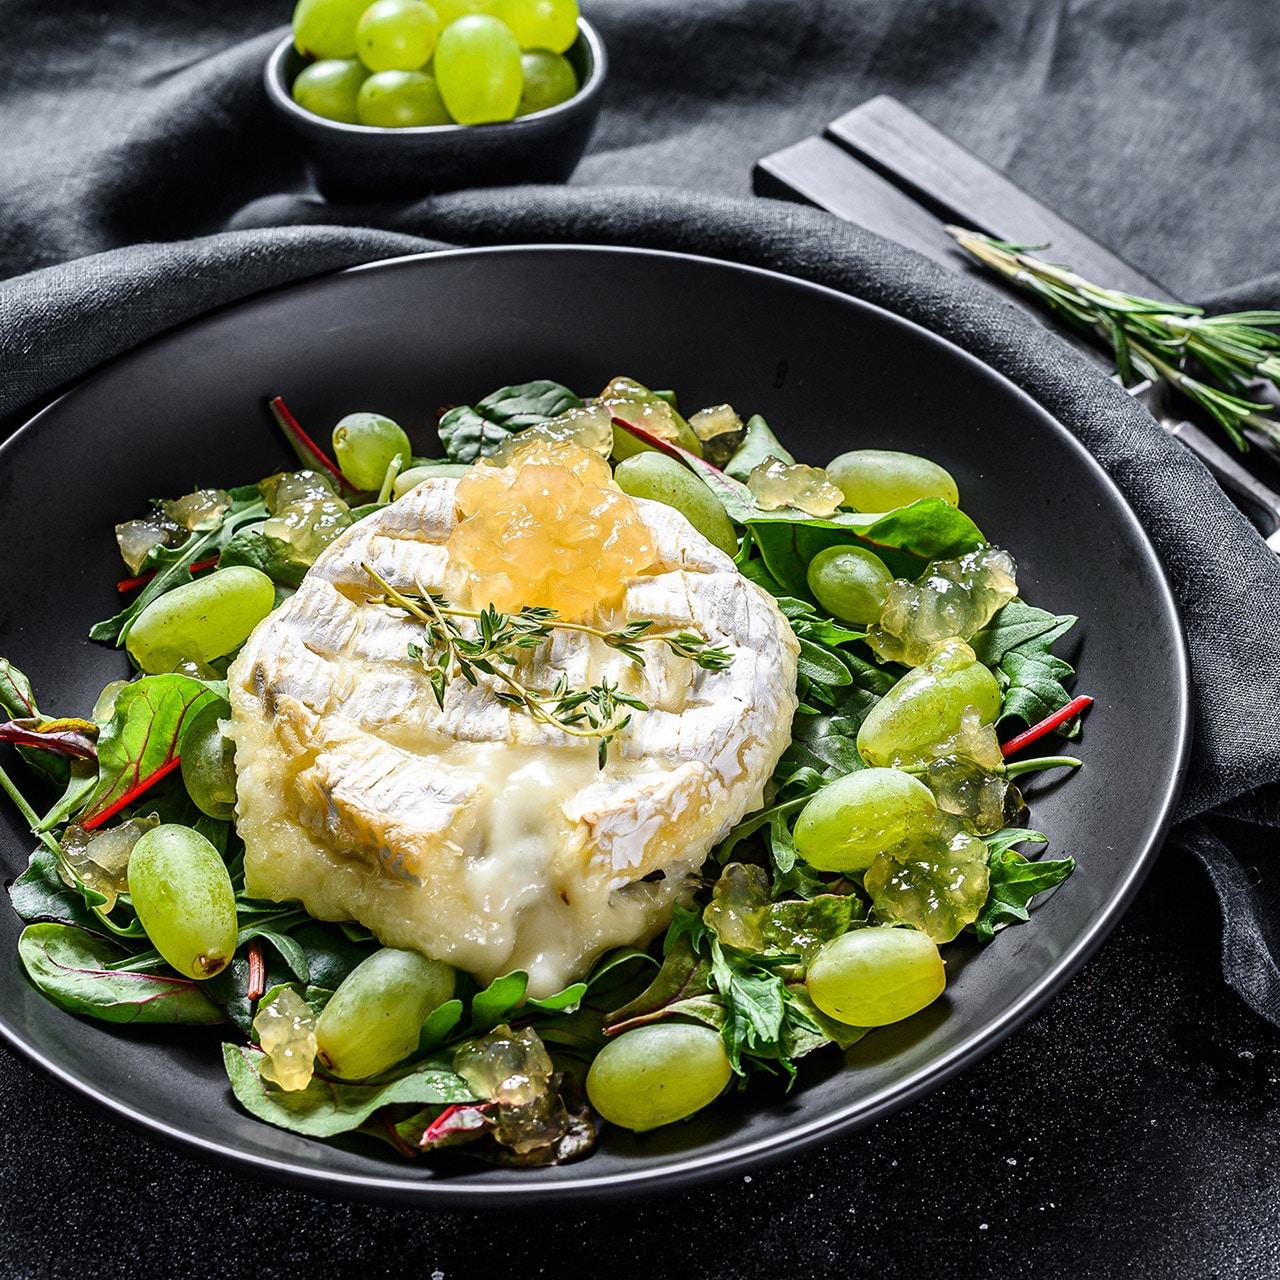 Camembert al forno con uva senza semi Solarelli, bietole e rucola al profumo di timo